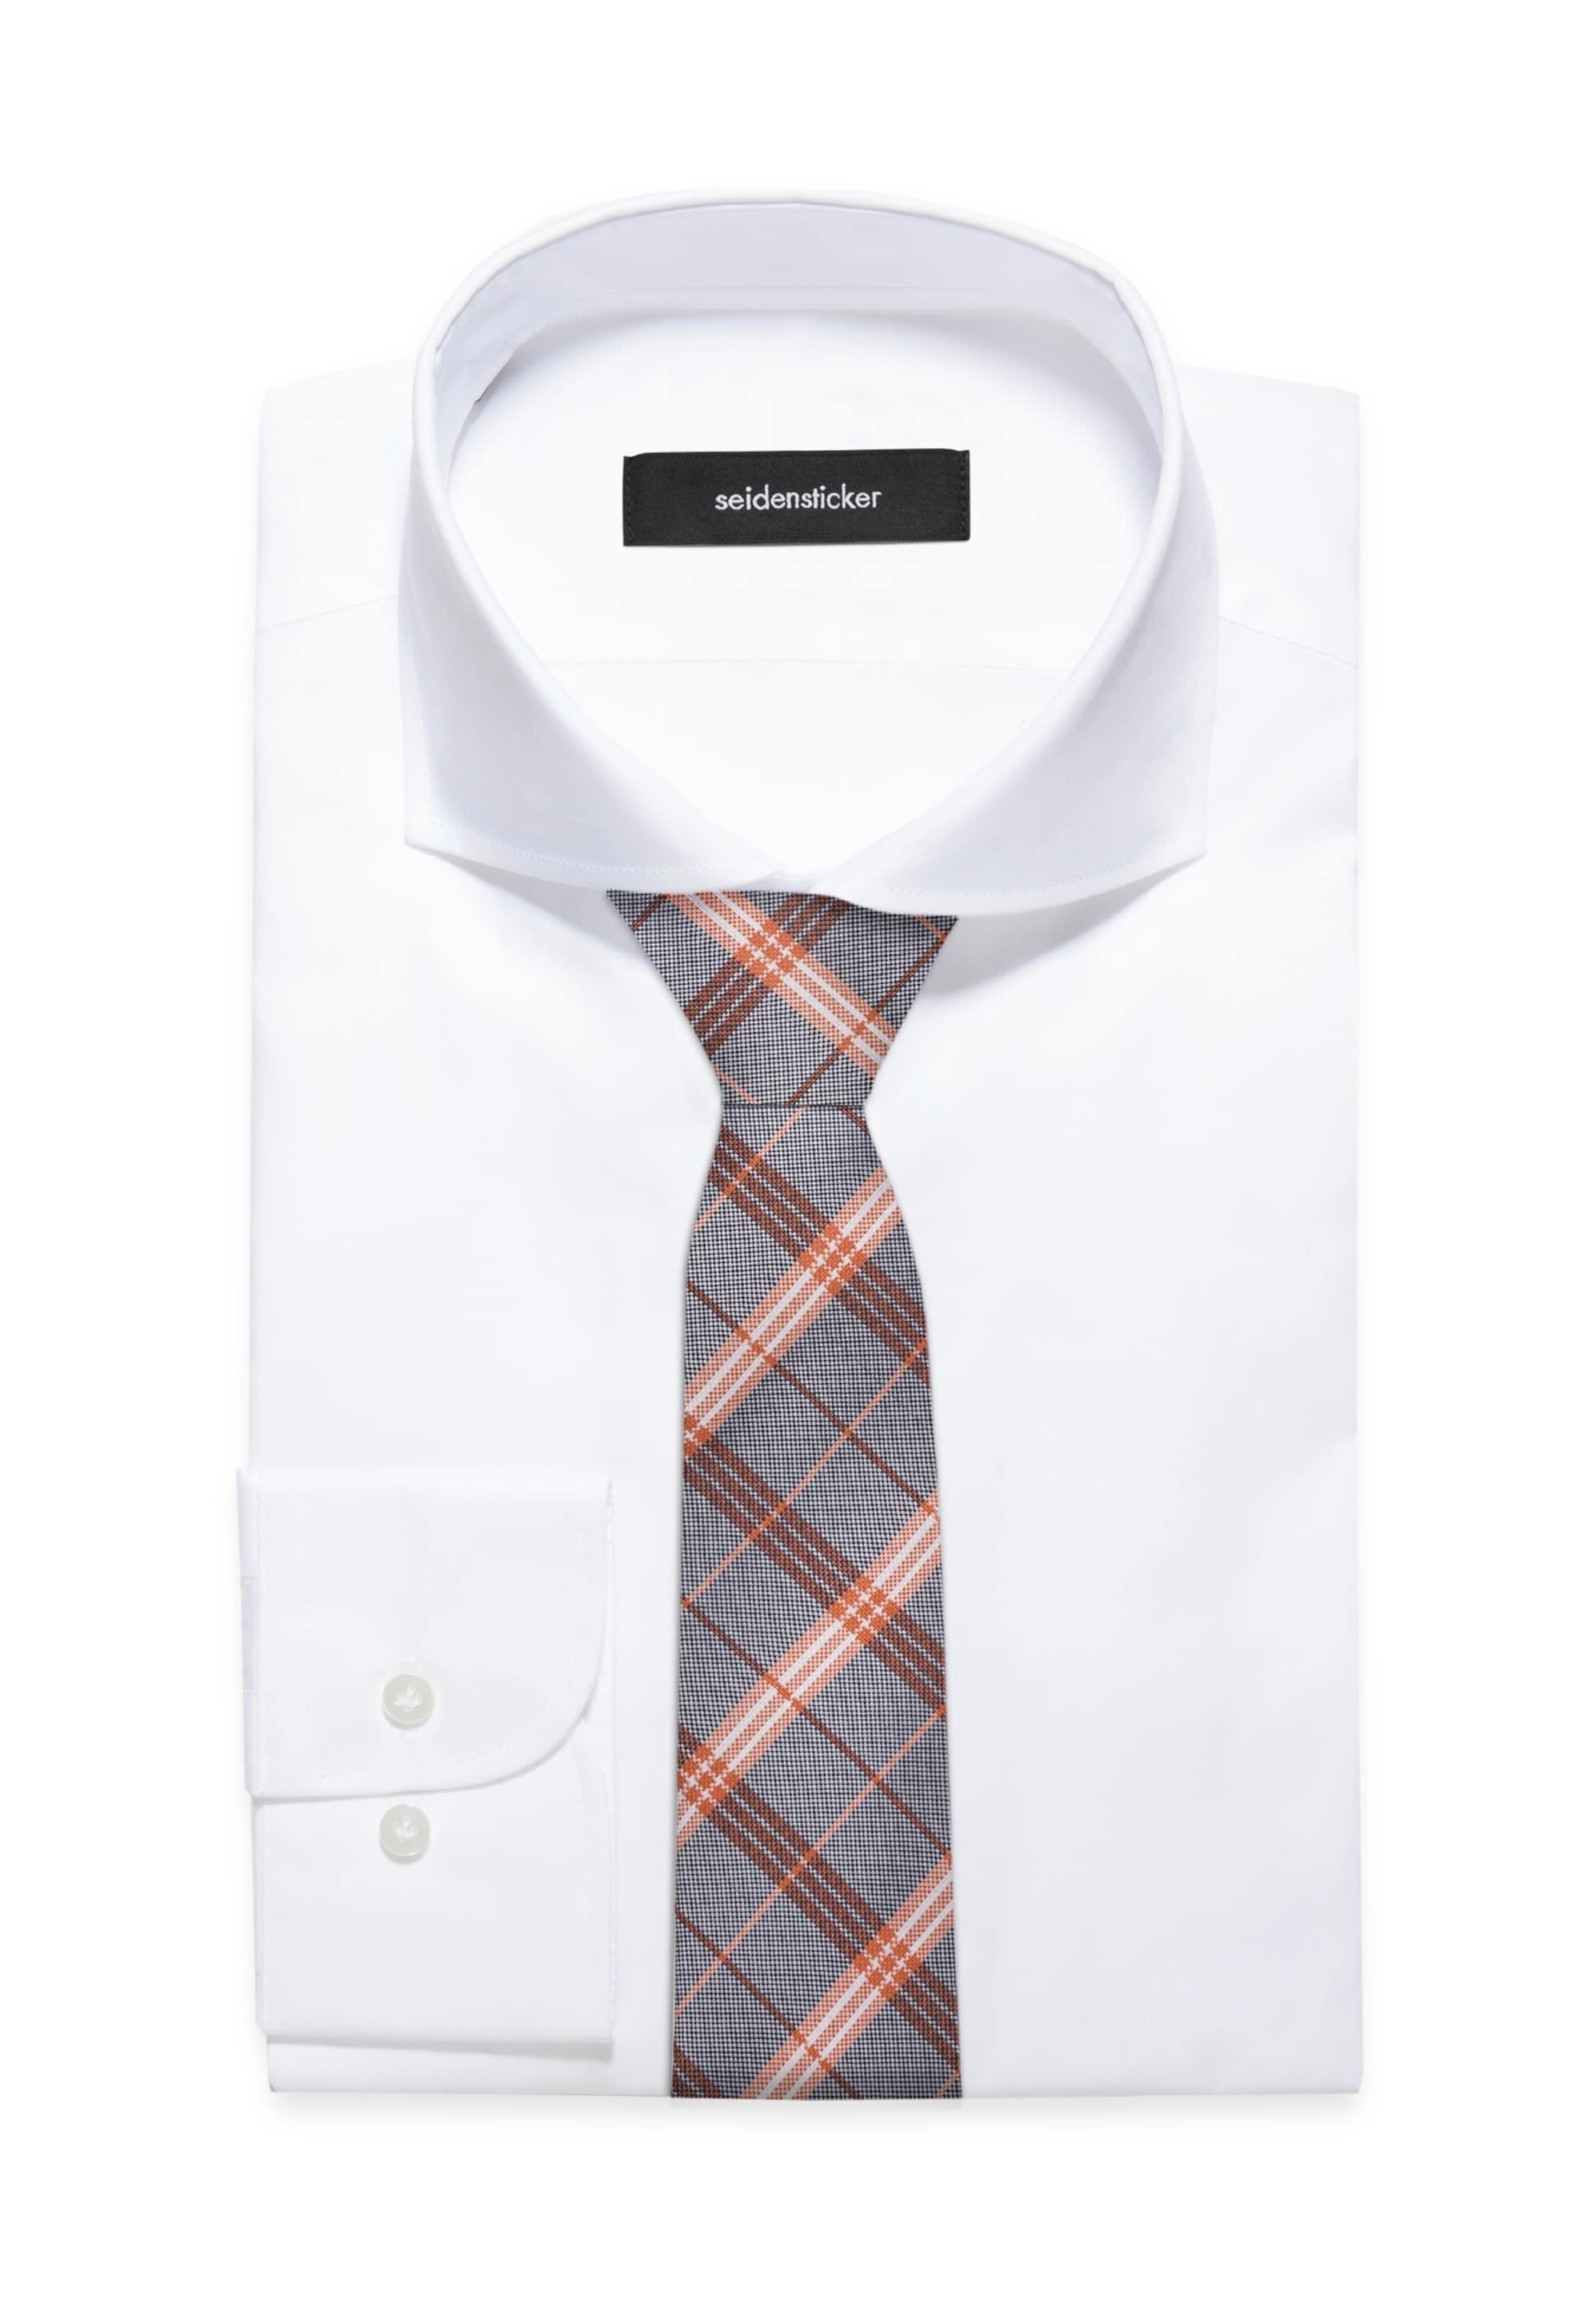 Spielraum Beruf SEIDENSTICKER Krawatte 'Schwarze Rose' Spielraum Niedrigen Preis Versandgebühr Orange 100% Original co8Lu